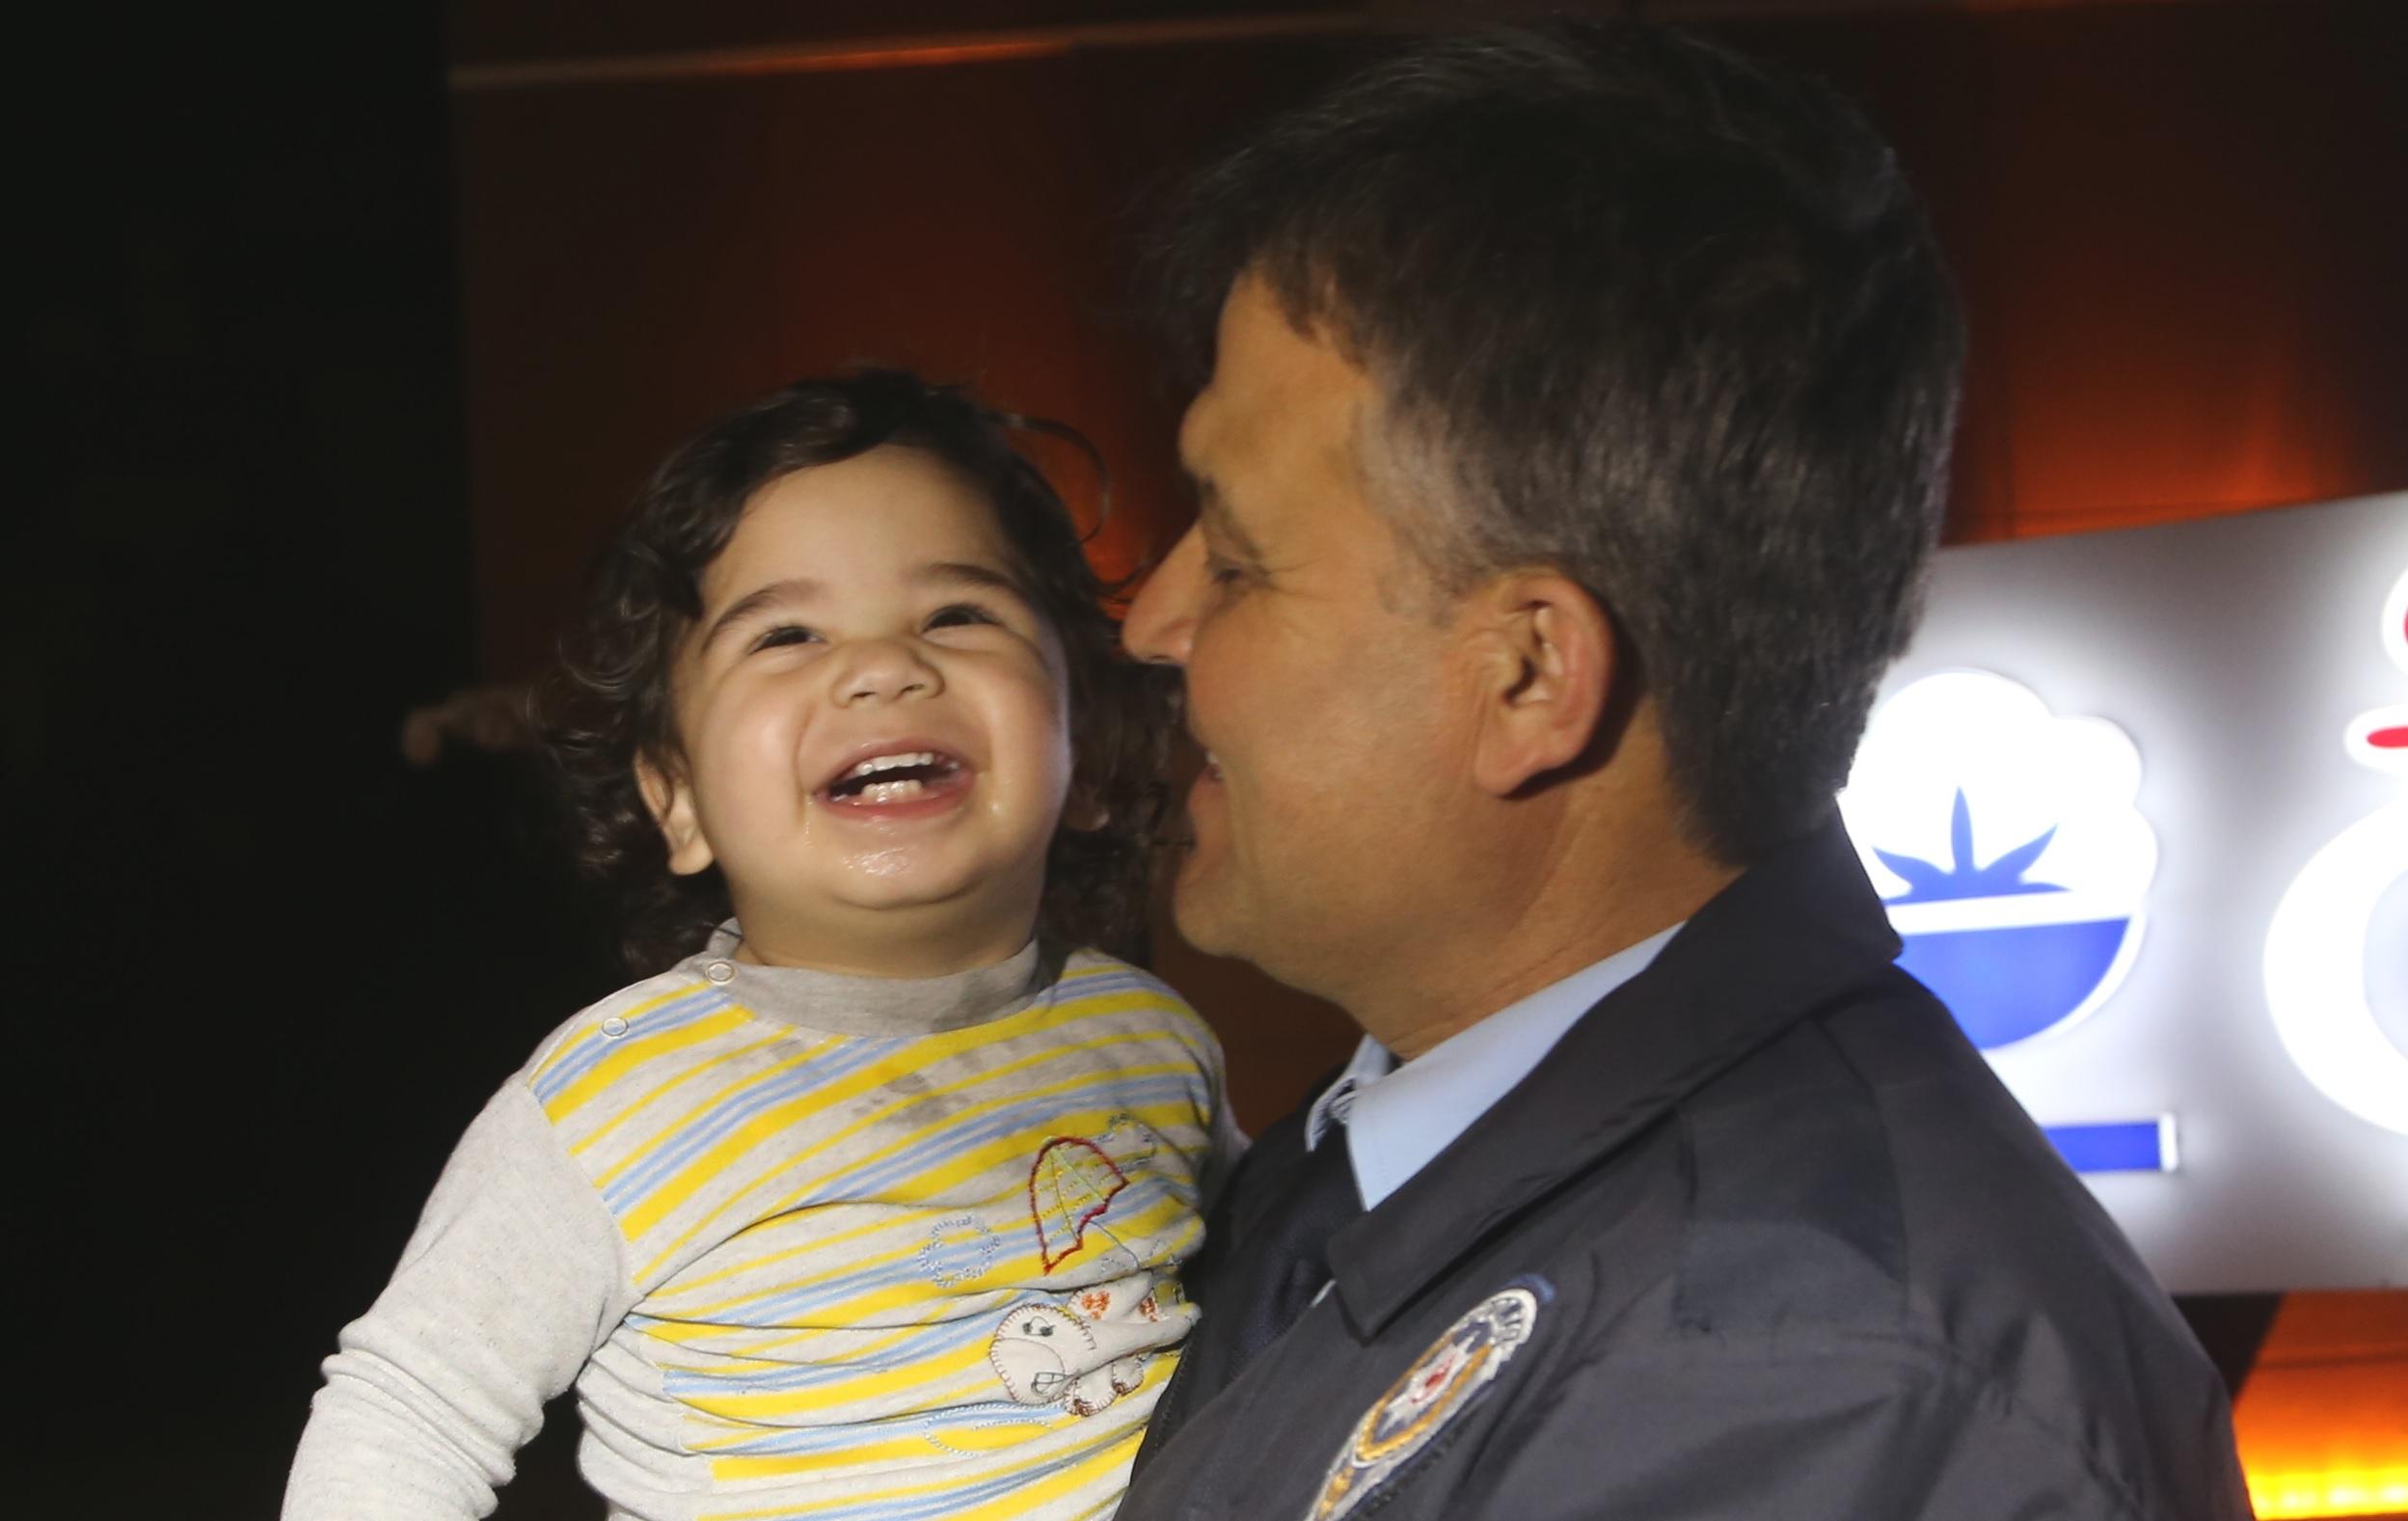 Bebek firarda! Yürekleri ağza getirdi ama onun keyfi yerindeydi.